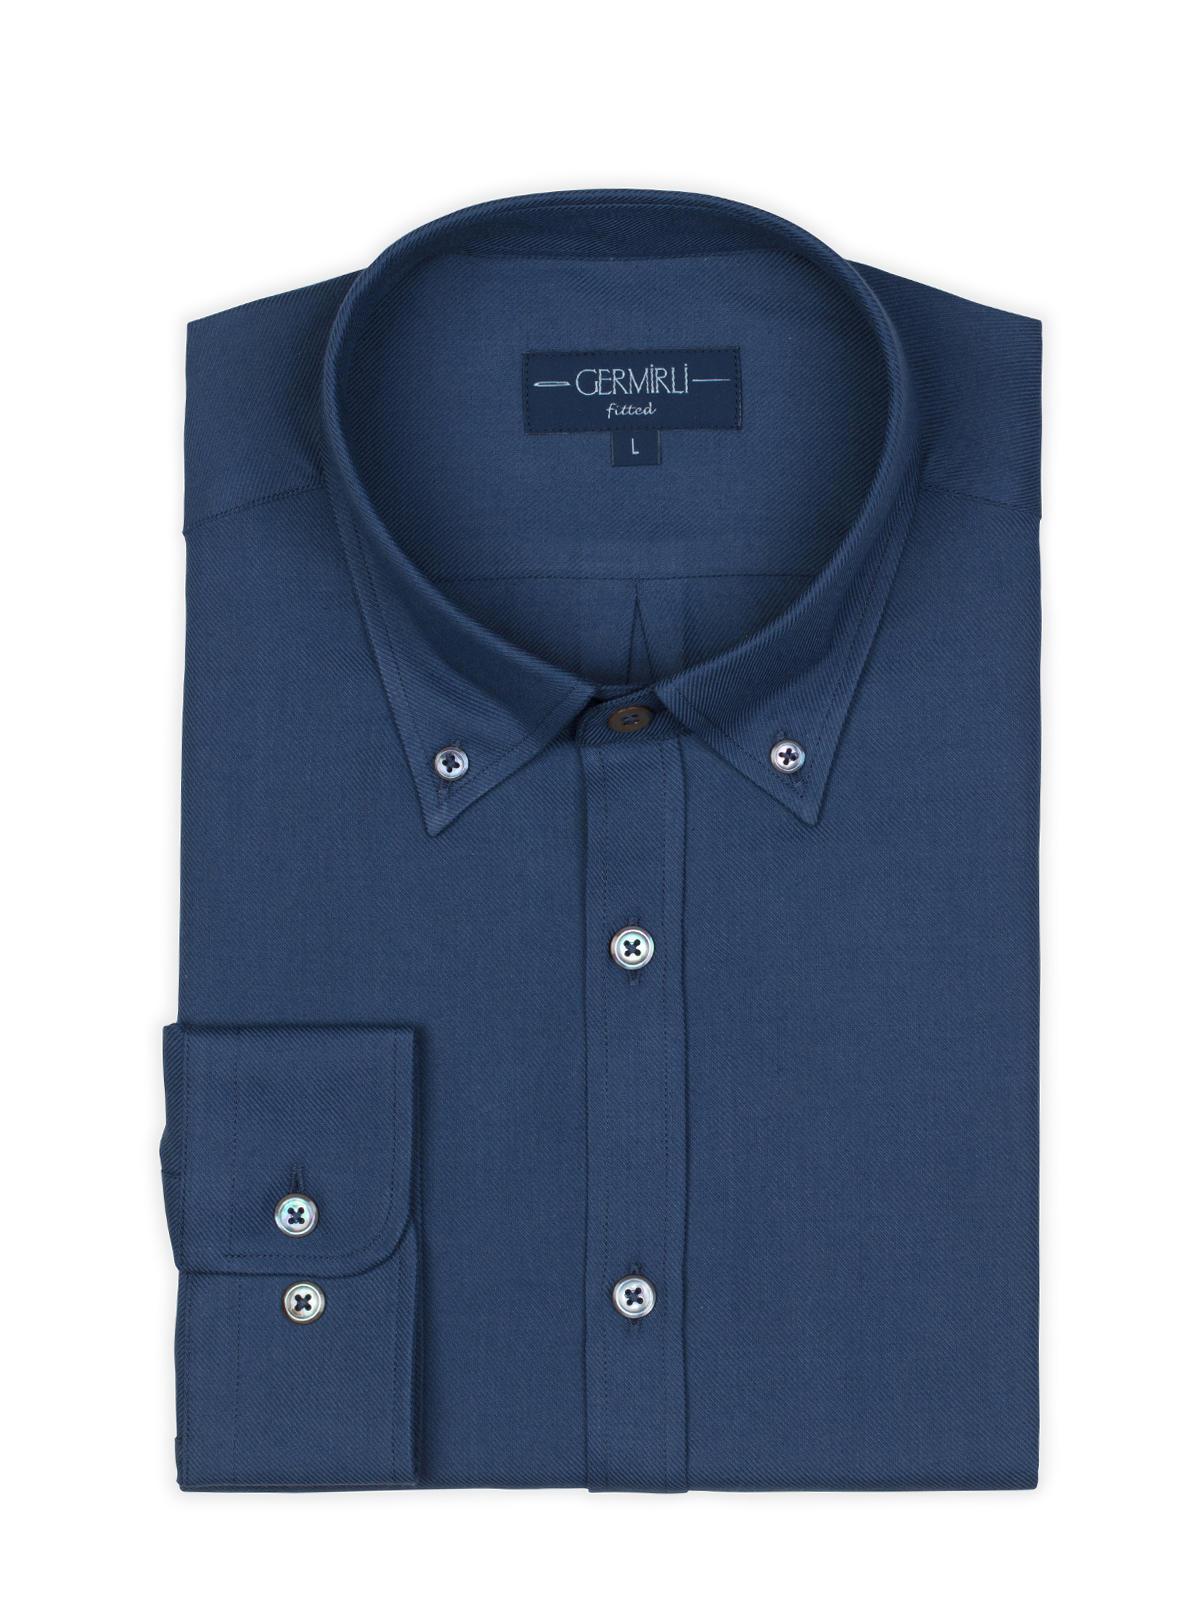 Germirli Mavi Twill Düğmeli Yaka Tailor Fit Kaşmir Gömlek